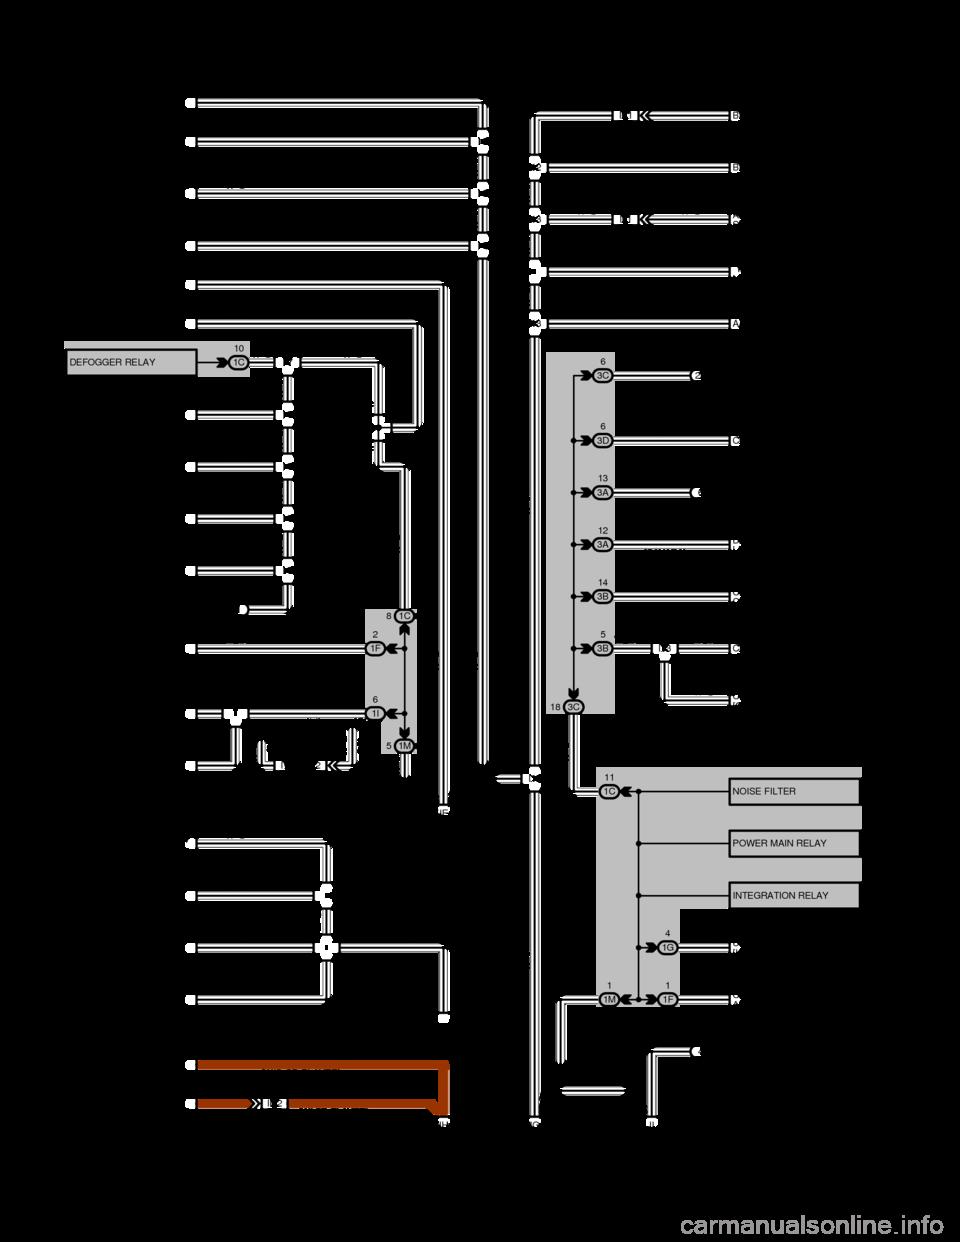 awesome 5a fe ecu wiring diagram festooning